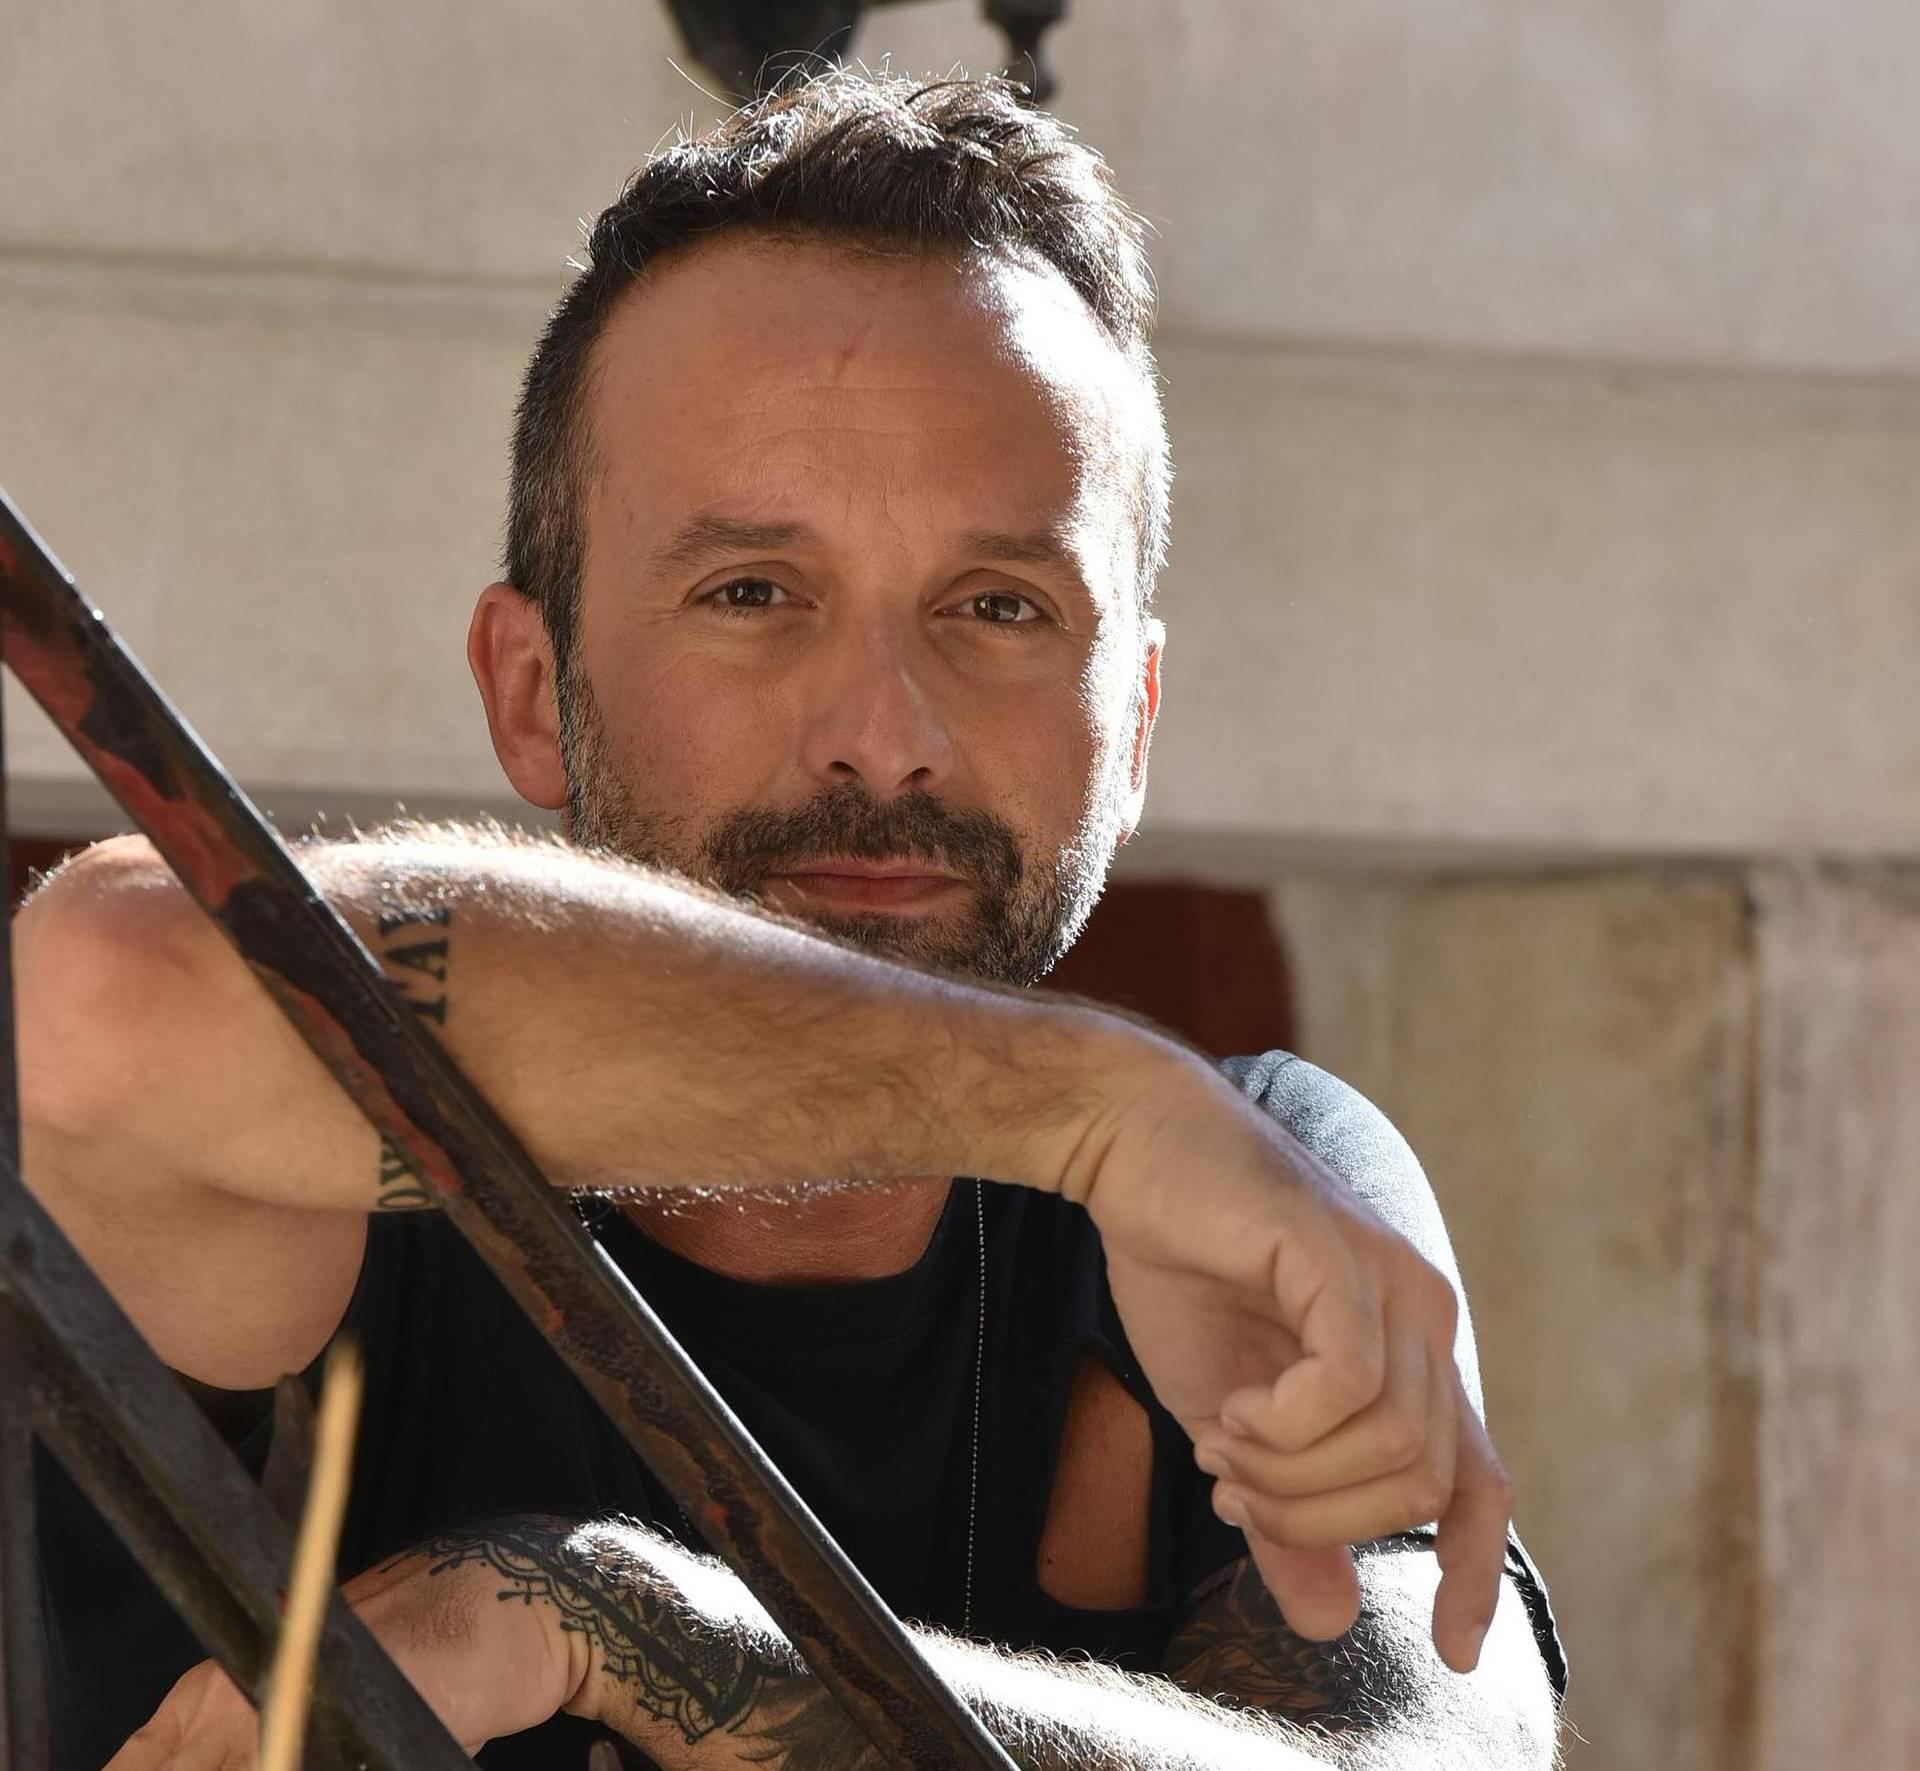 Matteo Cetinski se vraća na scenu: 'Nemam razloga stati'